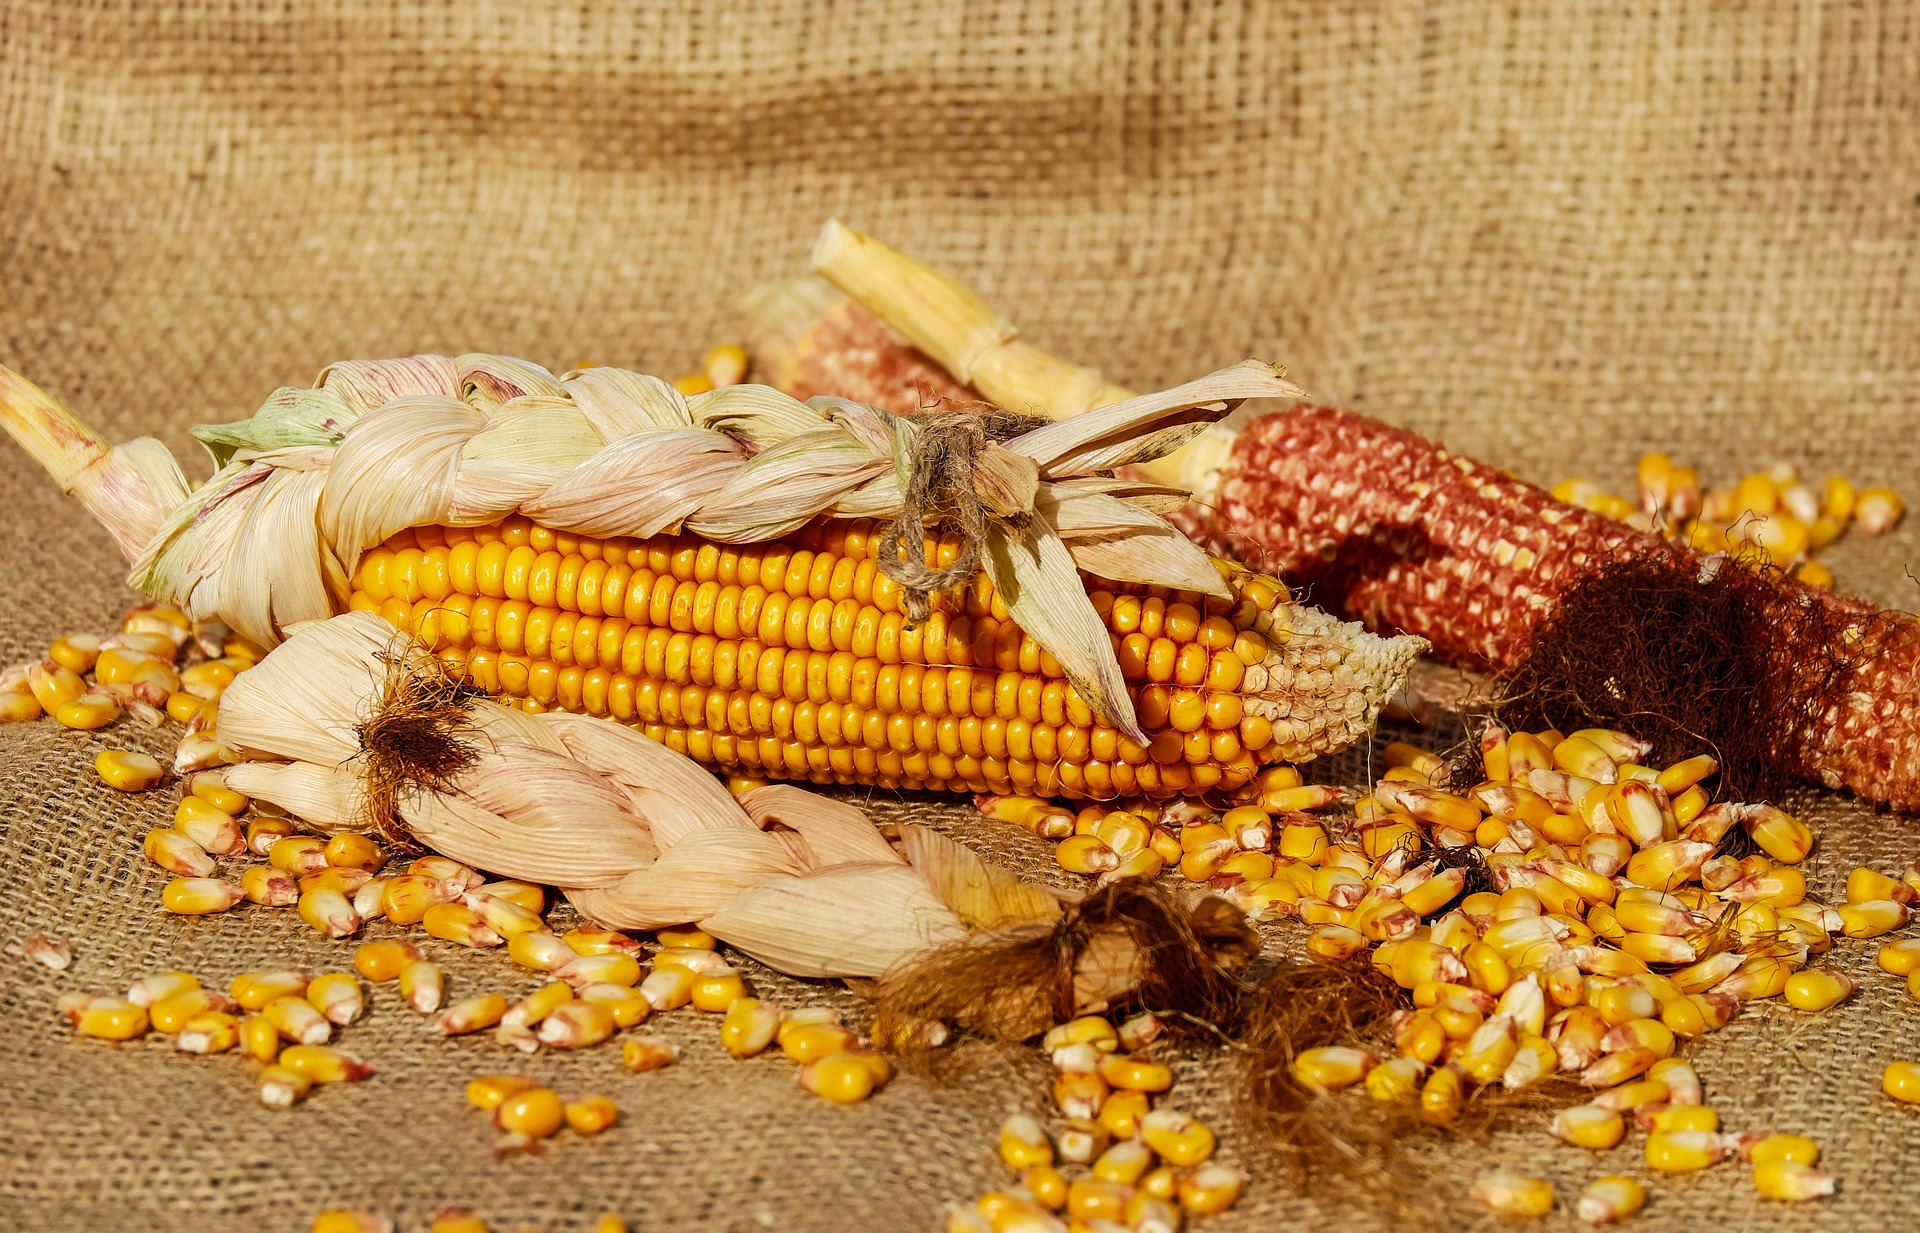 foto de maíz sobre un costal